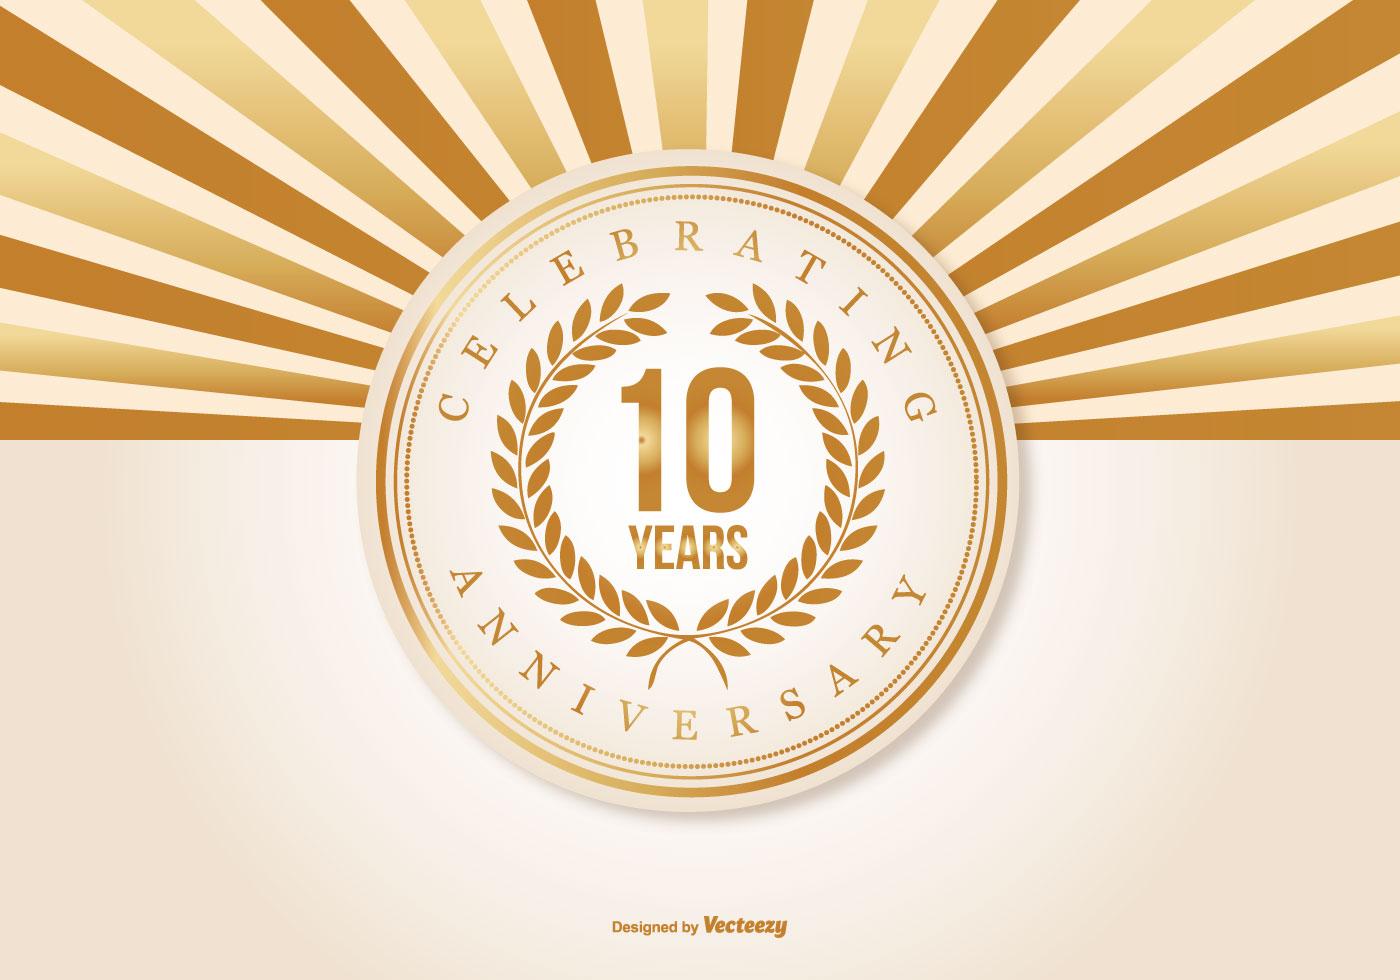 10 Years Anniversary Free Vector Art 12226 Free Downloads